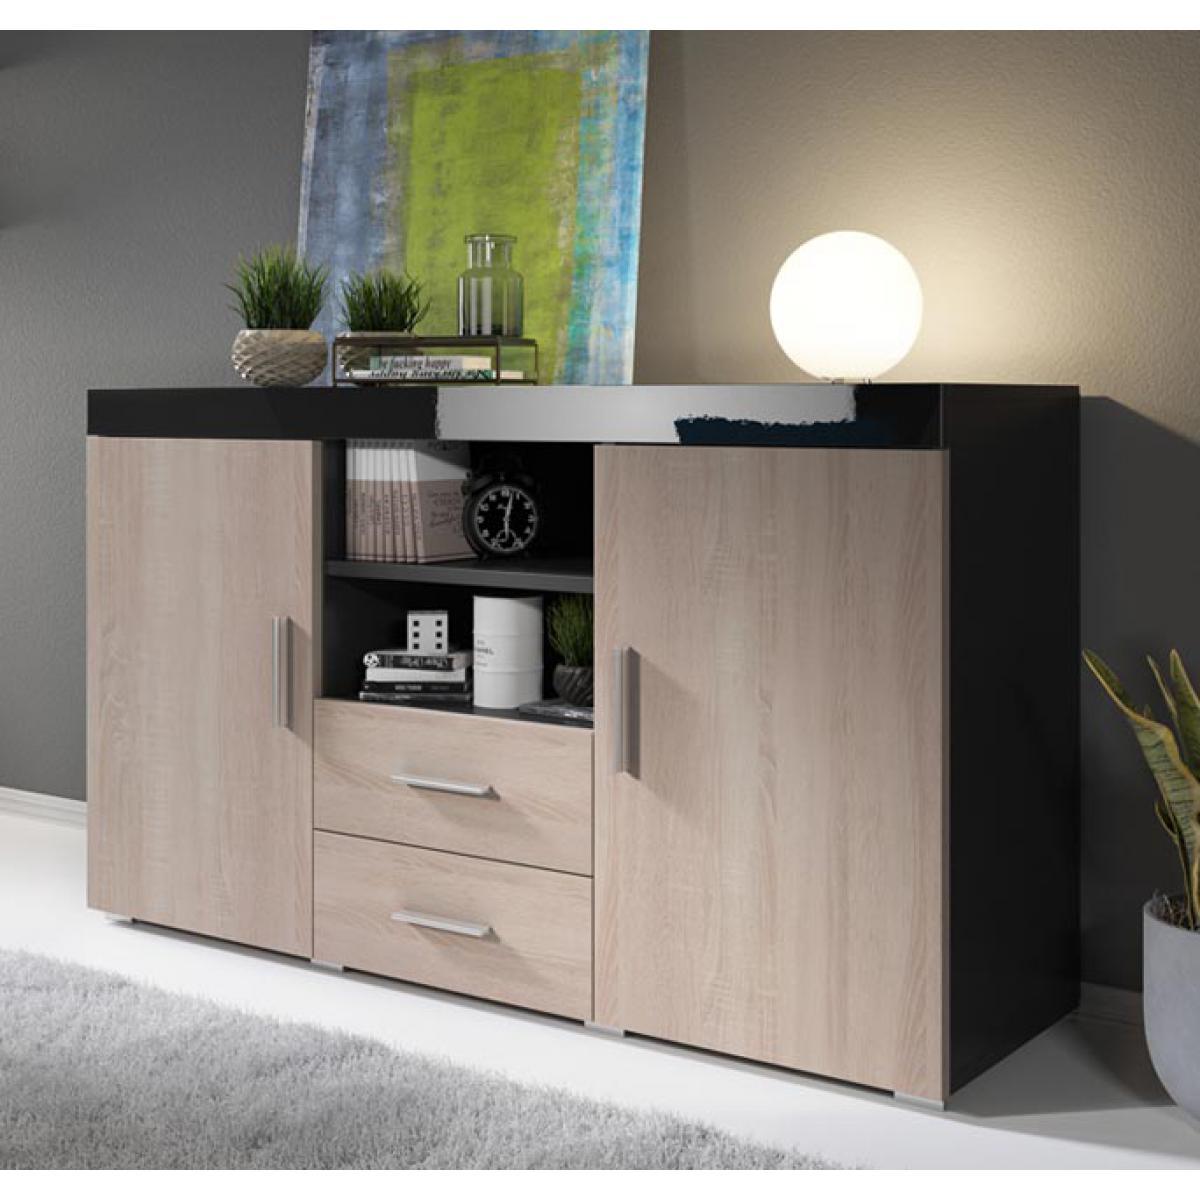 Design Ameublement Bahut modèle Roque couleur noir et sonoma